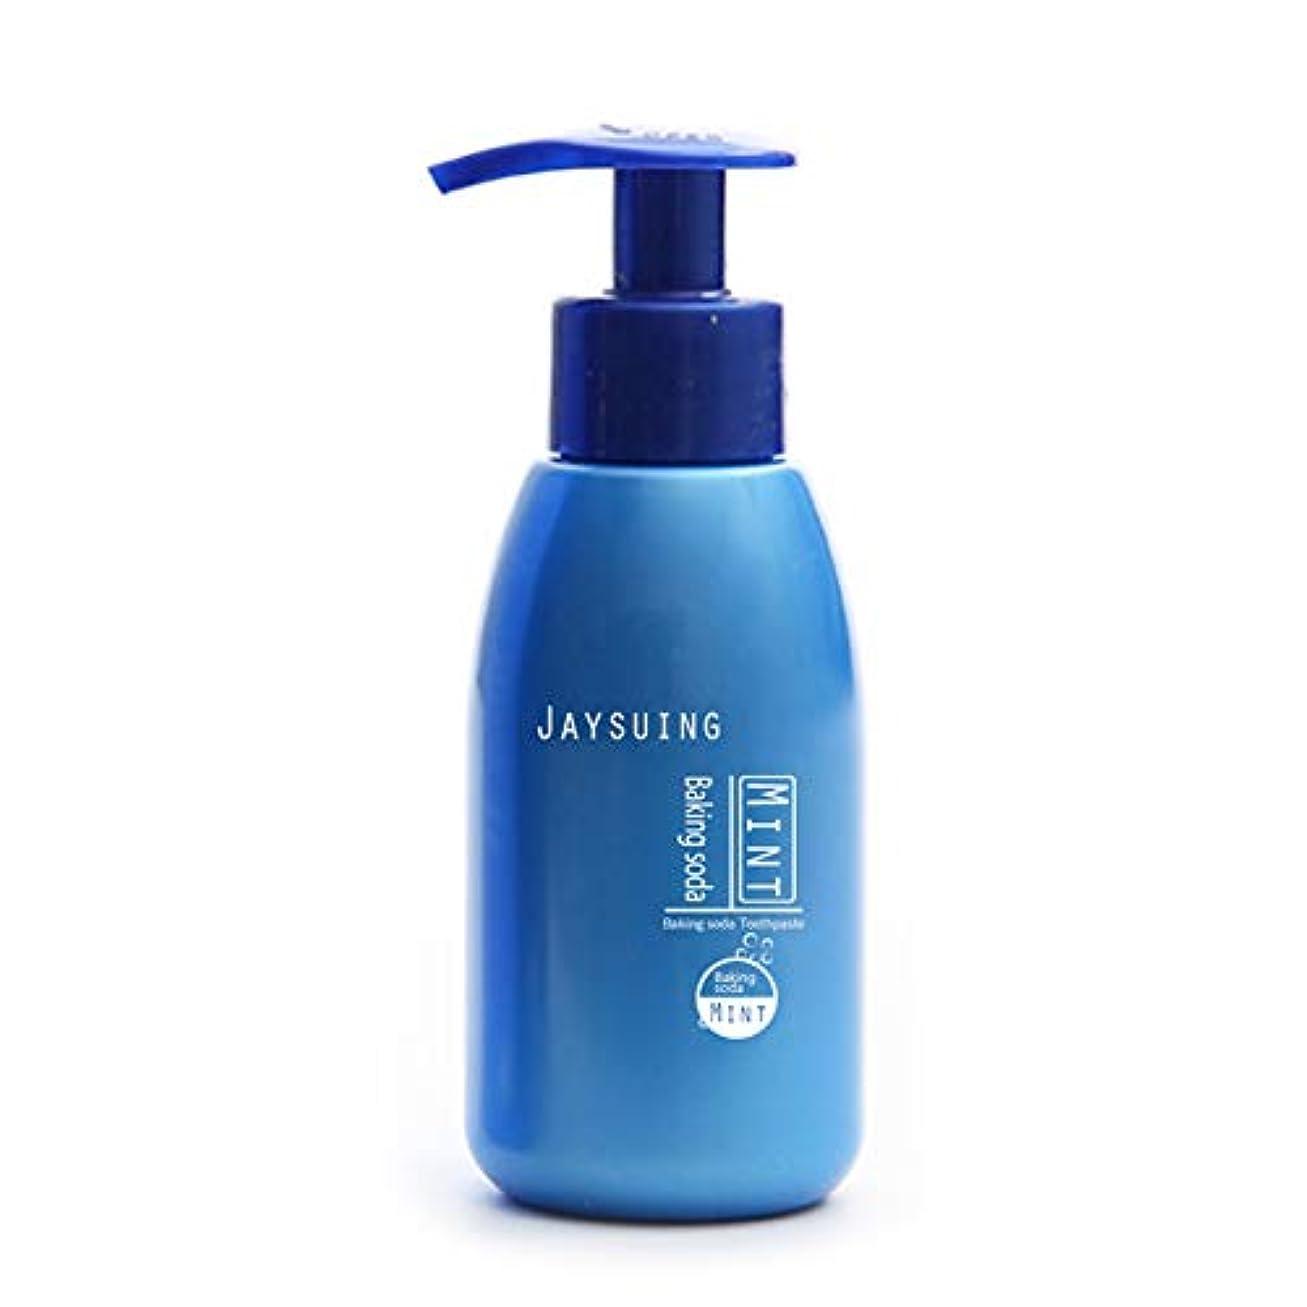 賠償成功する養うAylincool歯磨き粉アンチブリードガムプレスタイプ新鮮な歯磨き粉を白くする汚れ除去剤